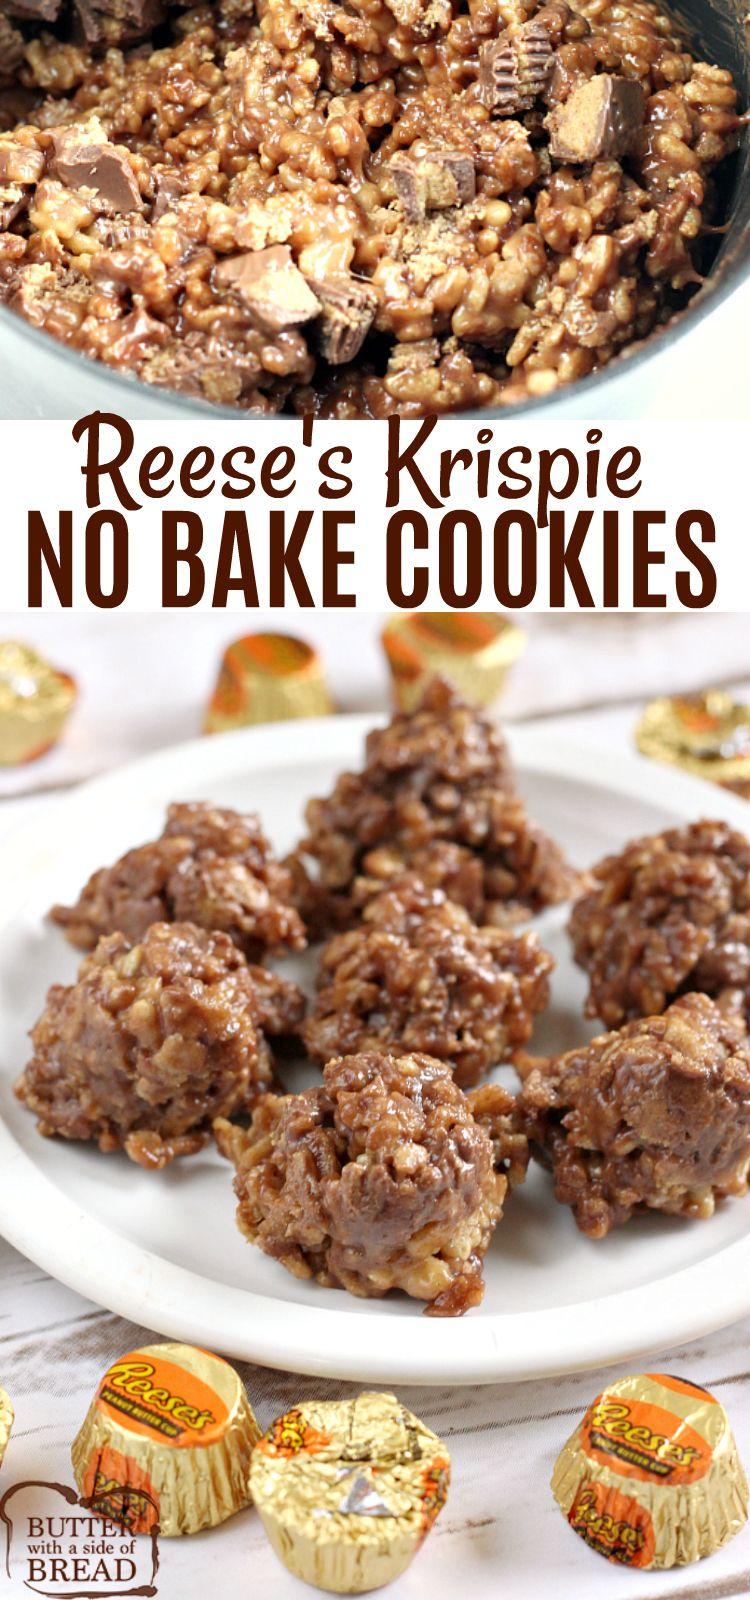 Reese's Krispie No Bake Cookies are full of chocolate